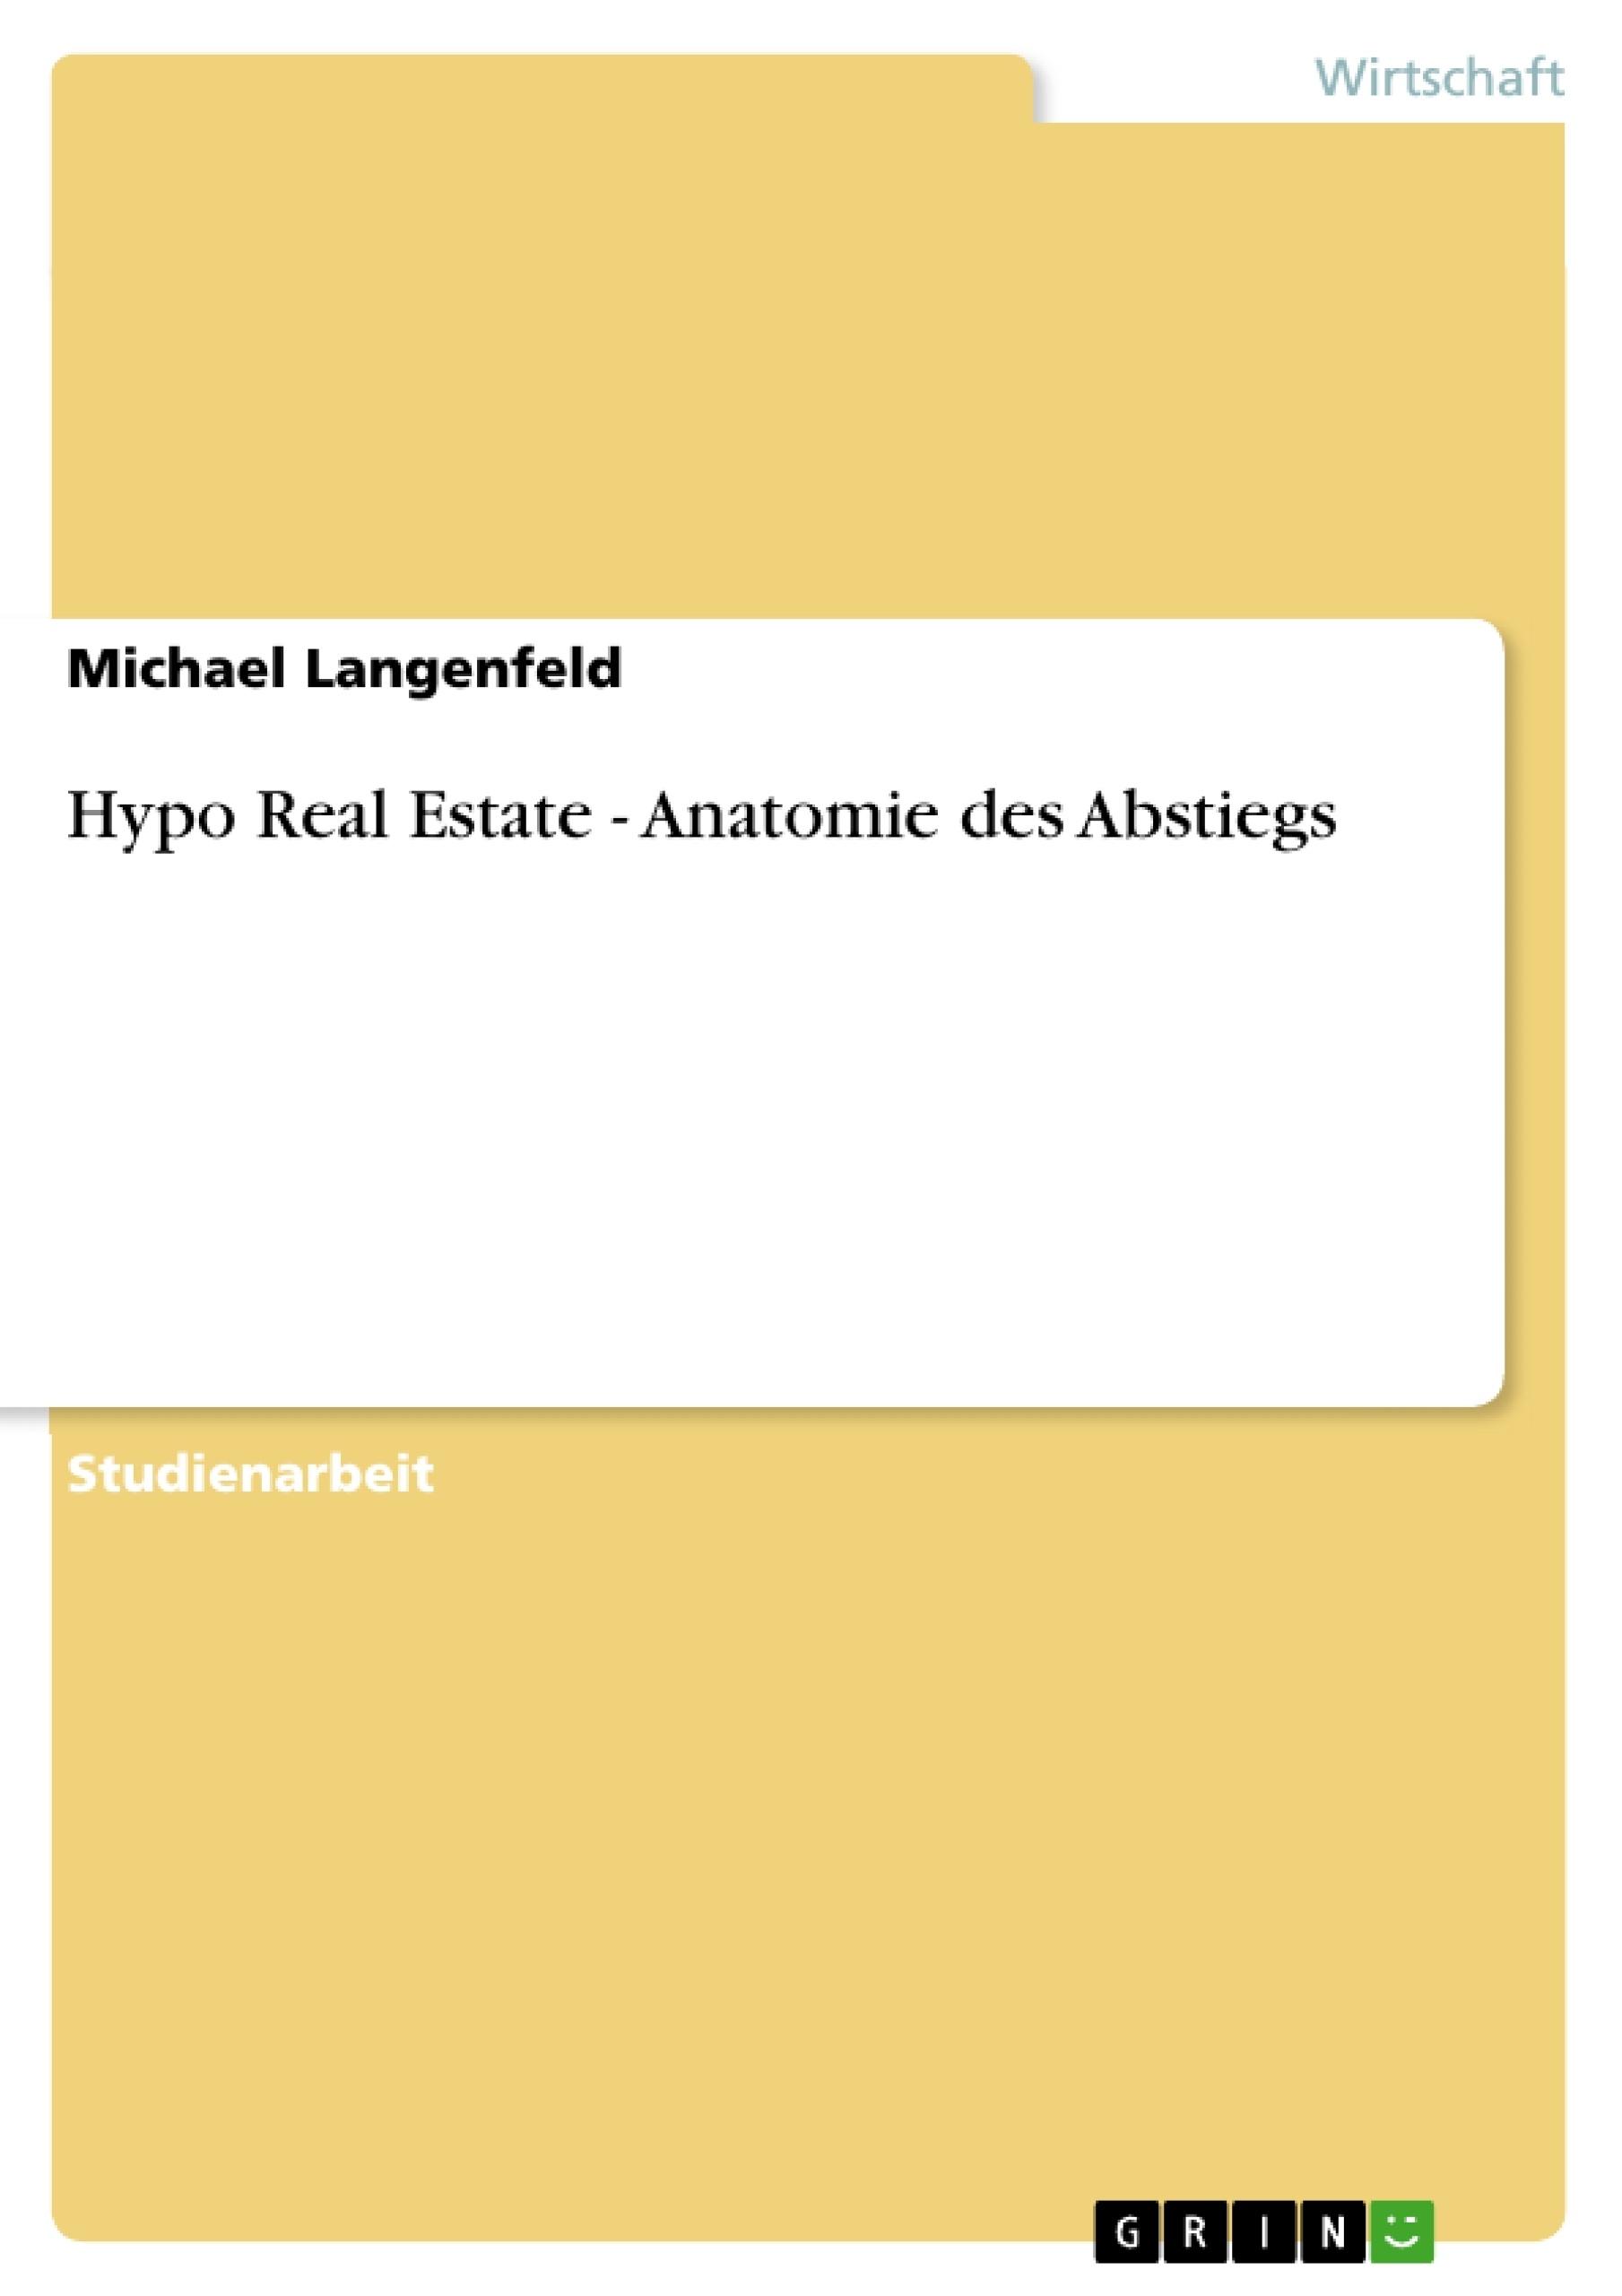 Titel: Hypo Real Estate - Anatomie des Abstiegs